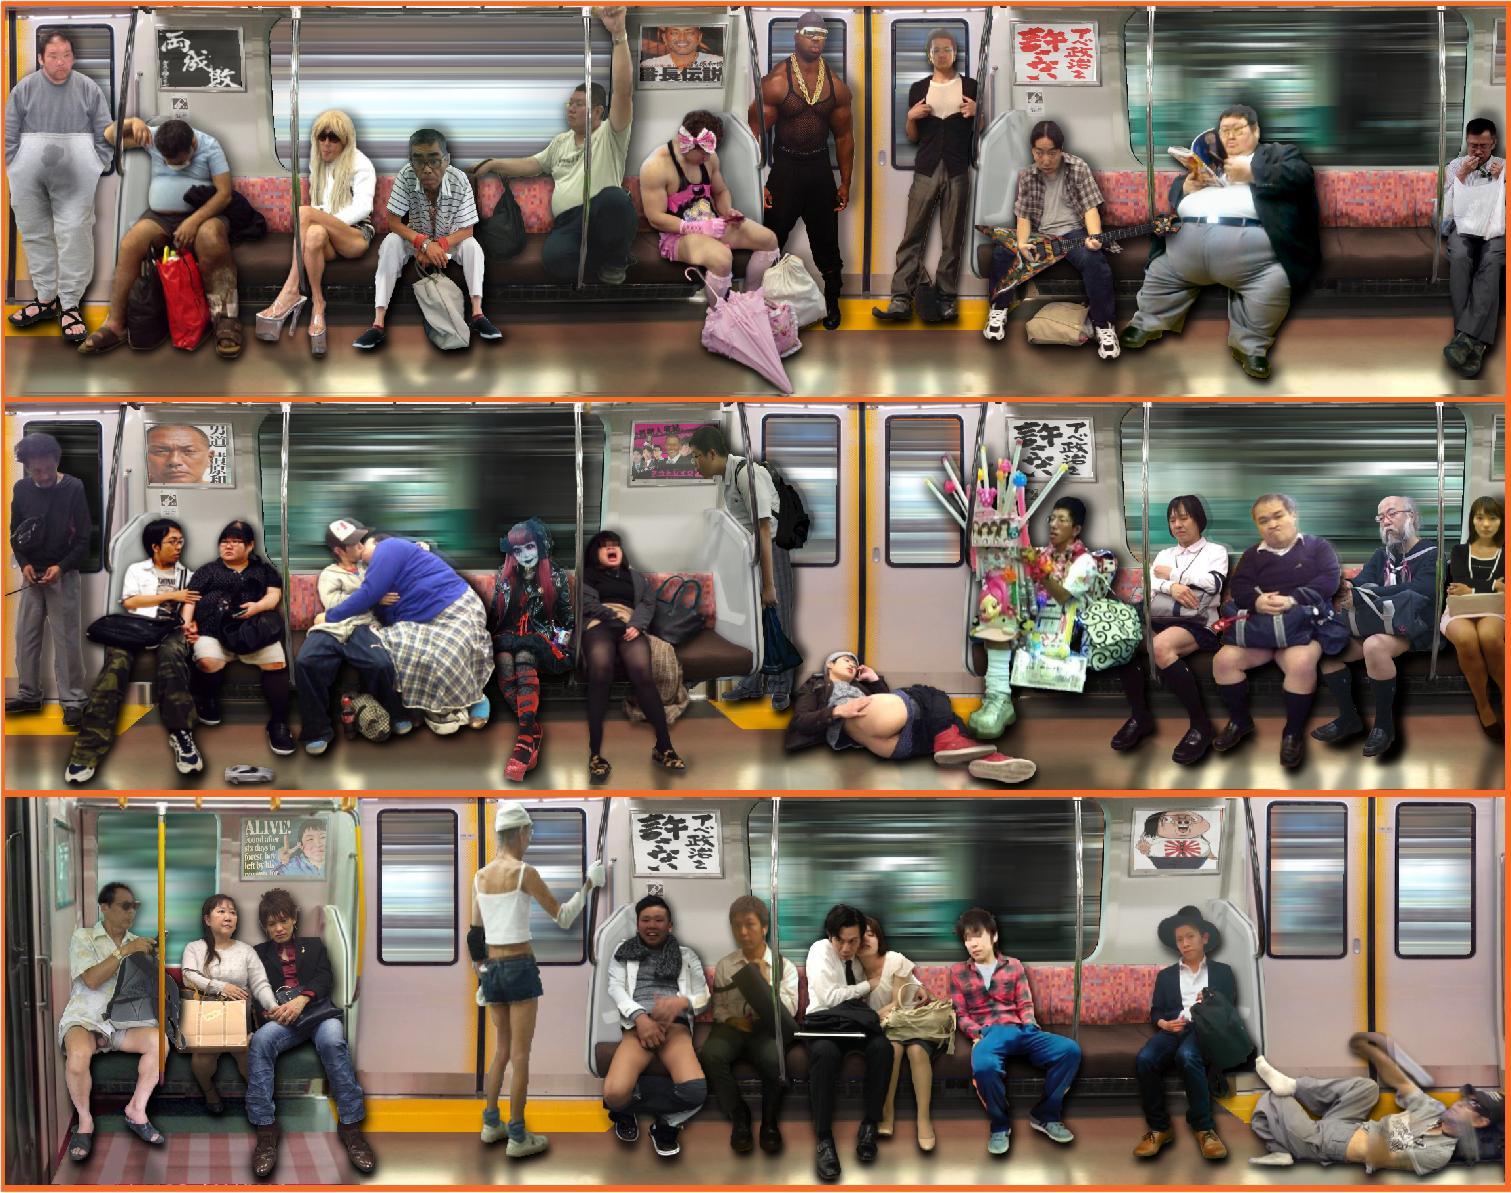 電車内で本当にあったヤバイエロ画像wwwwwwwwwwwwwww HTh5OKf